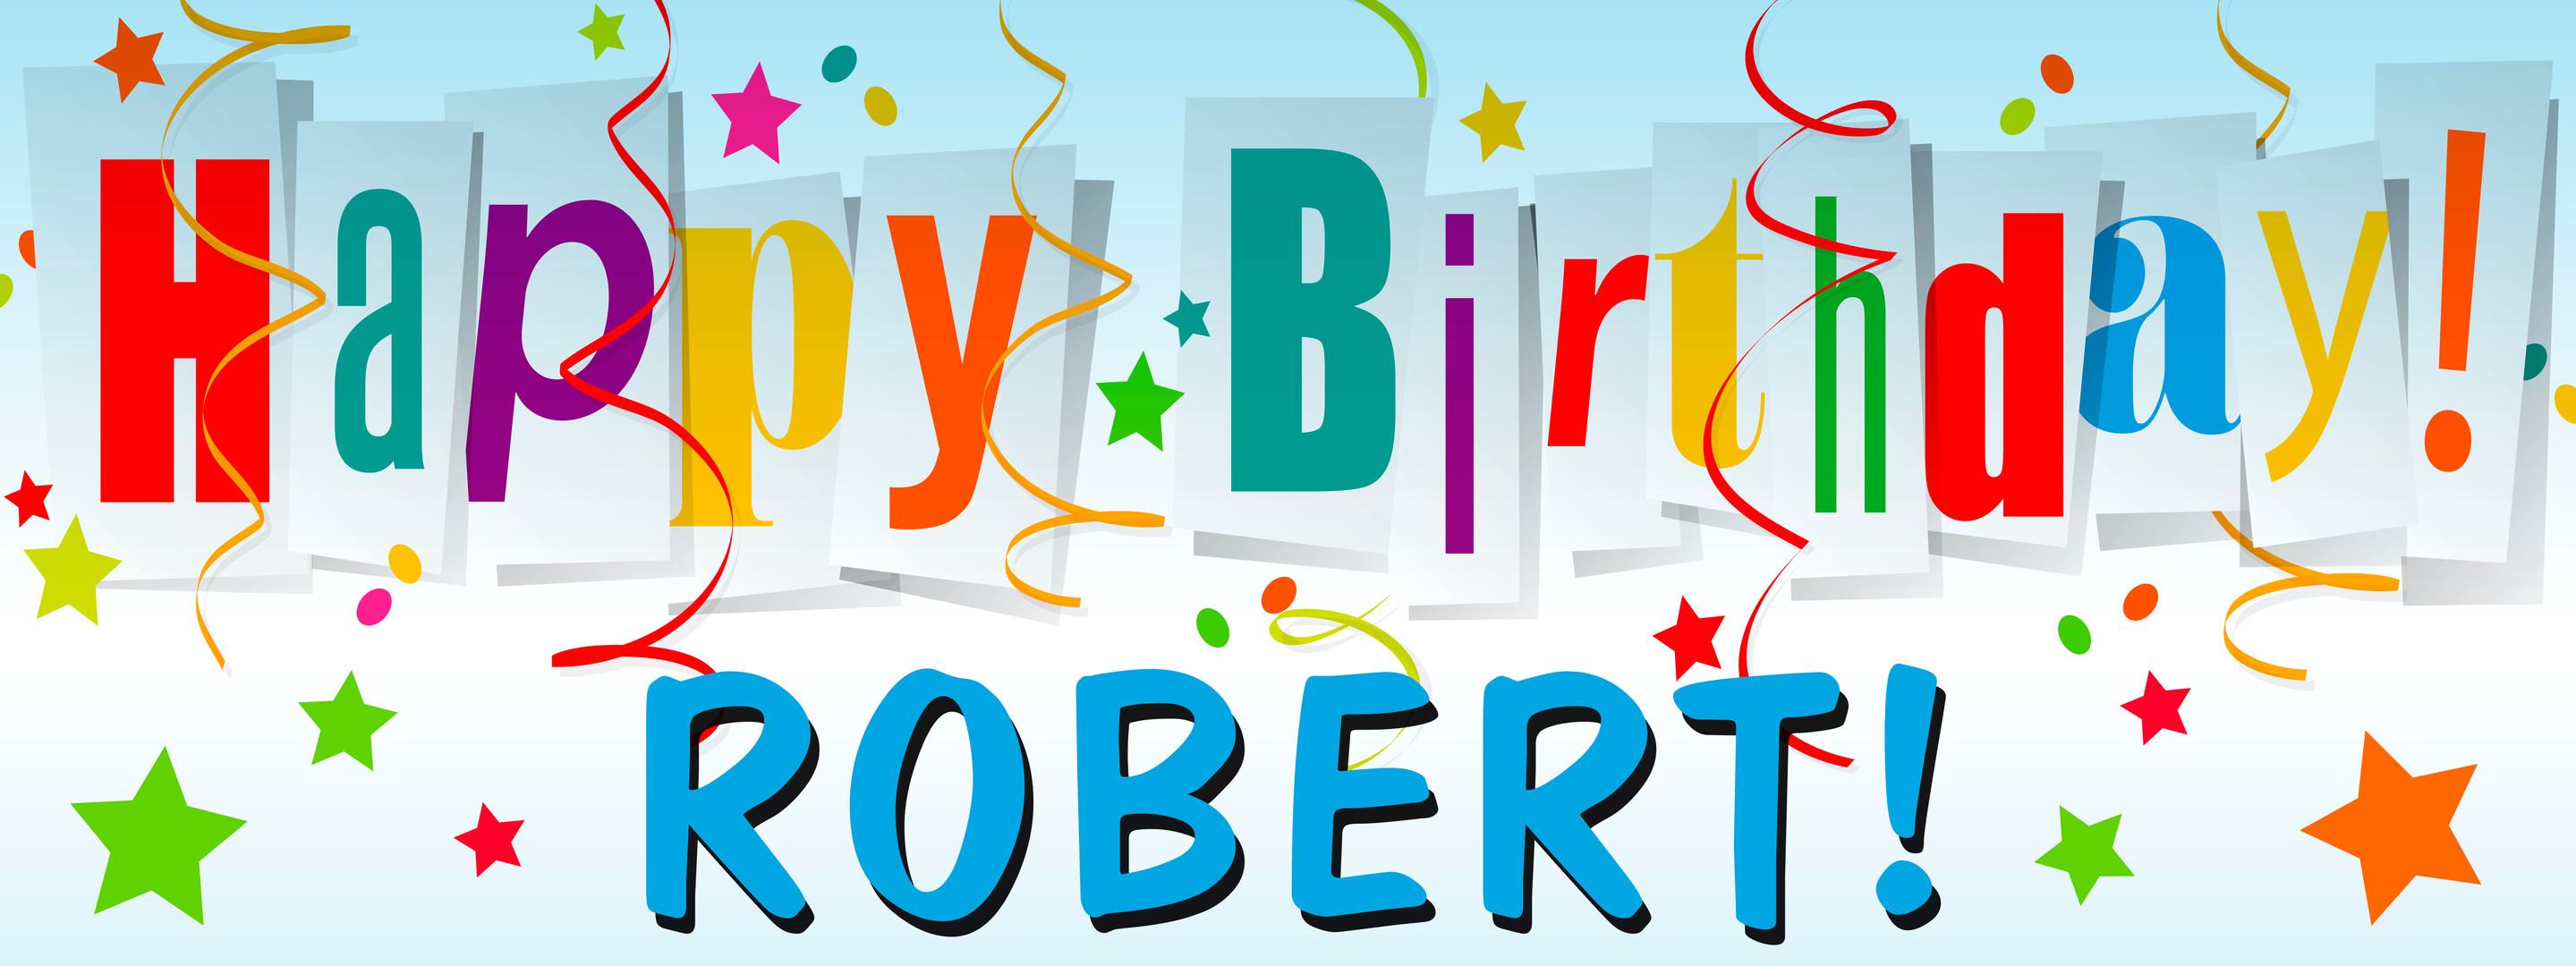 happy bday robert.jpg